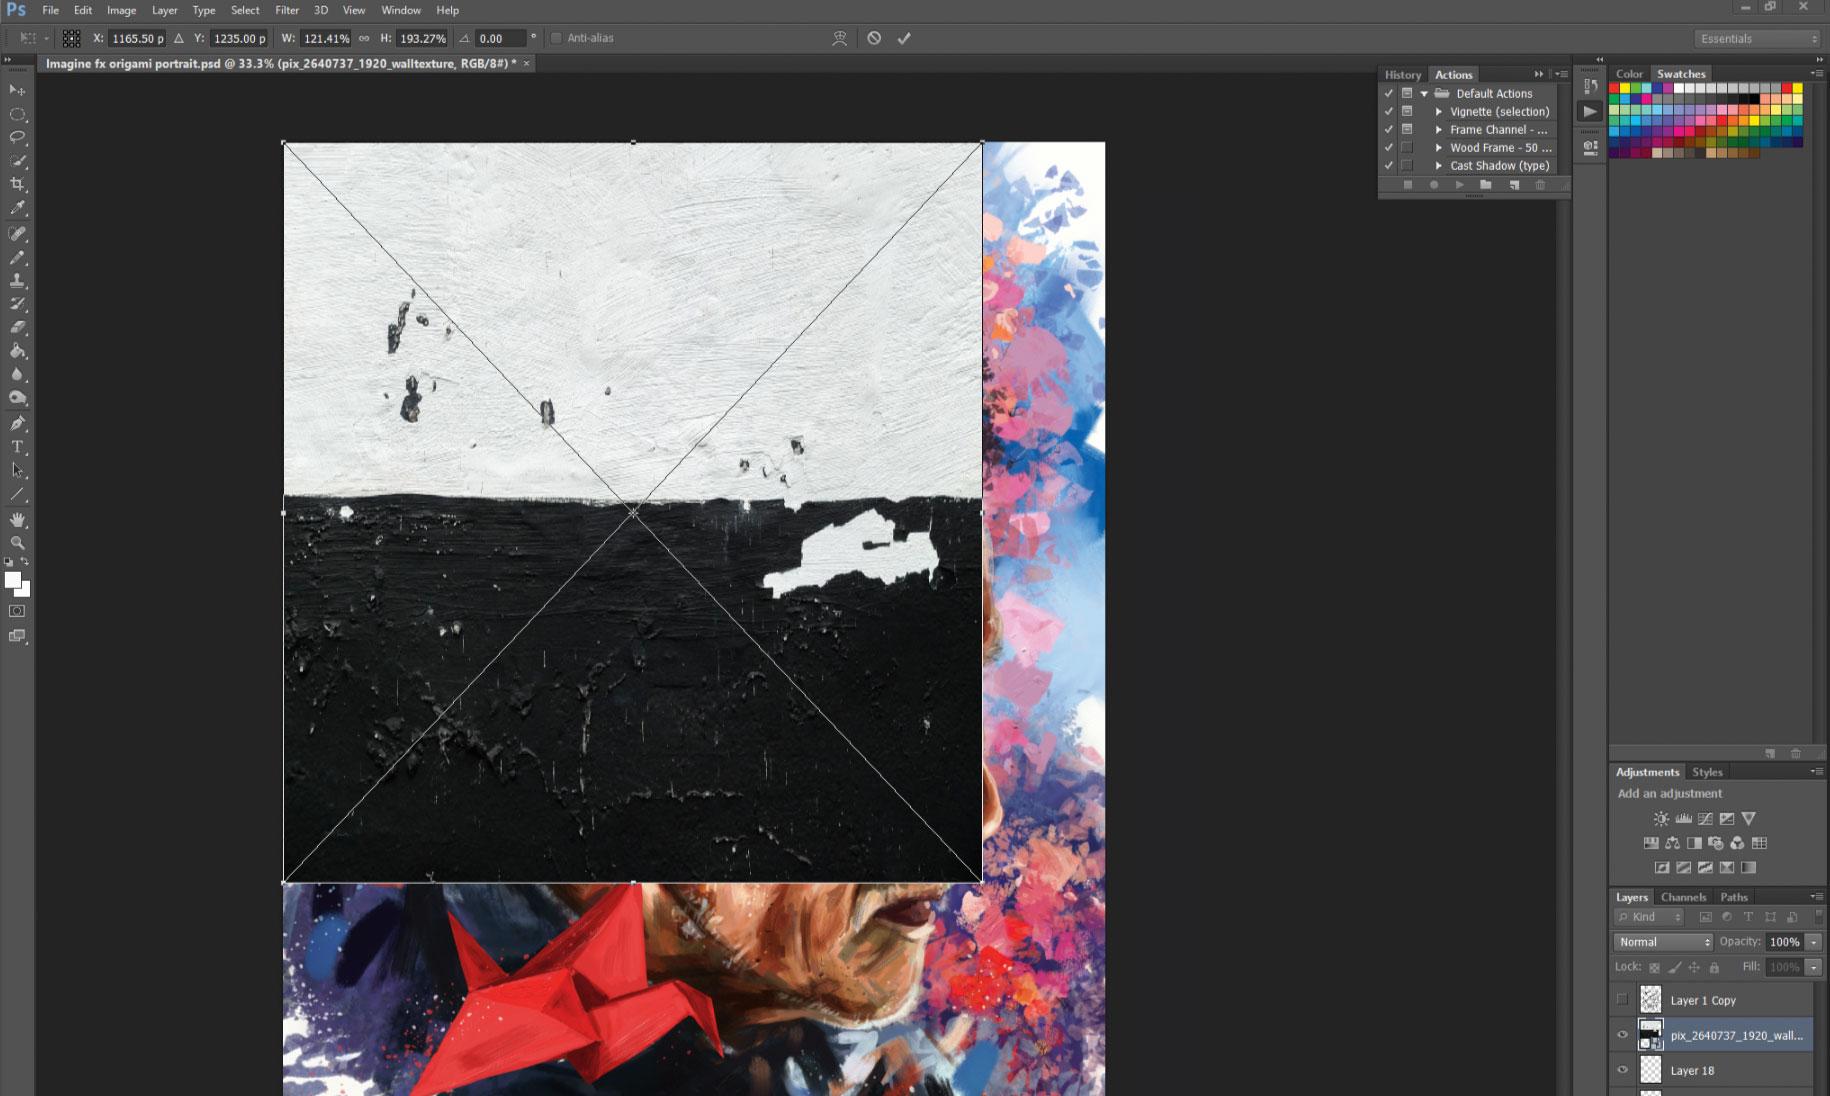 Paint expressive portrait art with ArtRage 5 ⋅ hanffdesign com